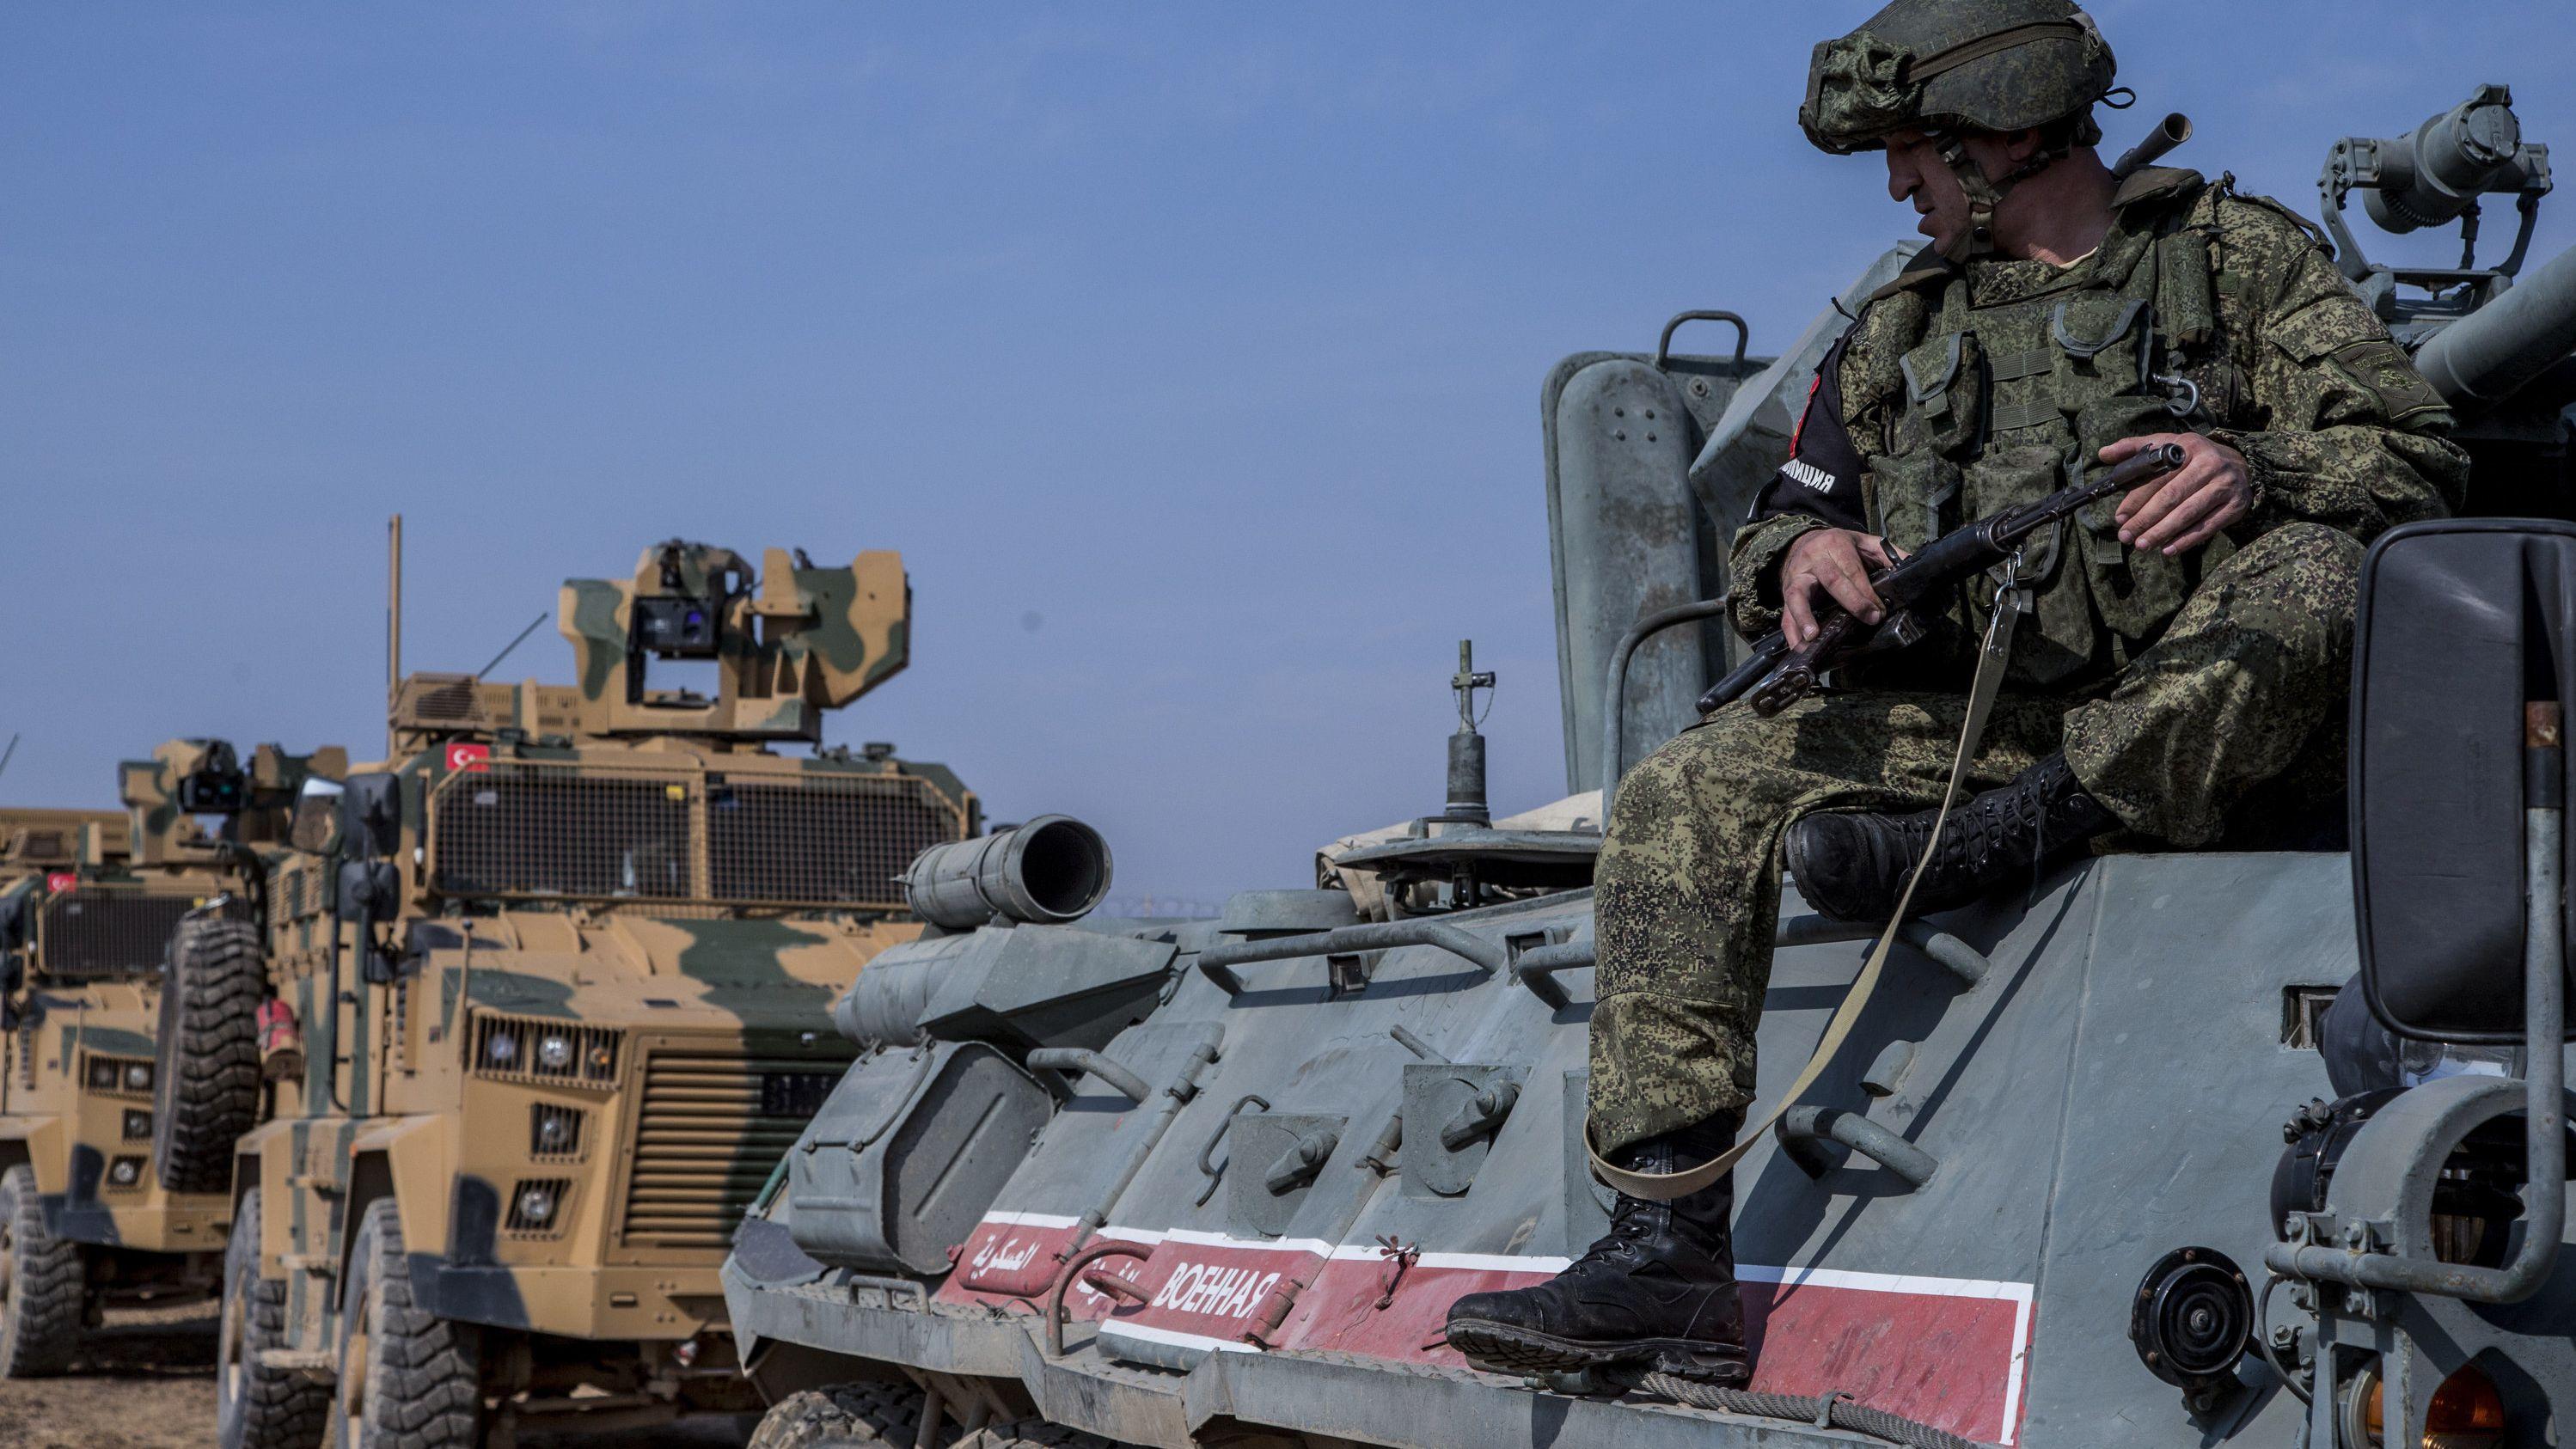 Ein bewaffneter Soldat sitzt auf einem Militärfahrzeug.